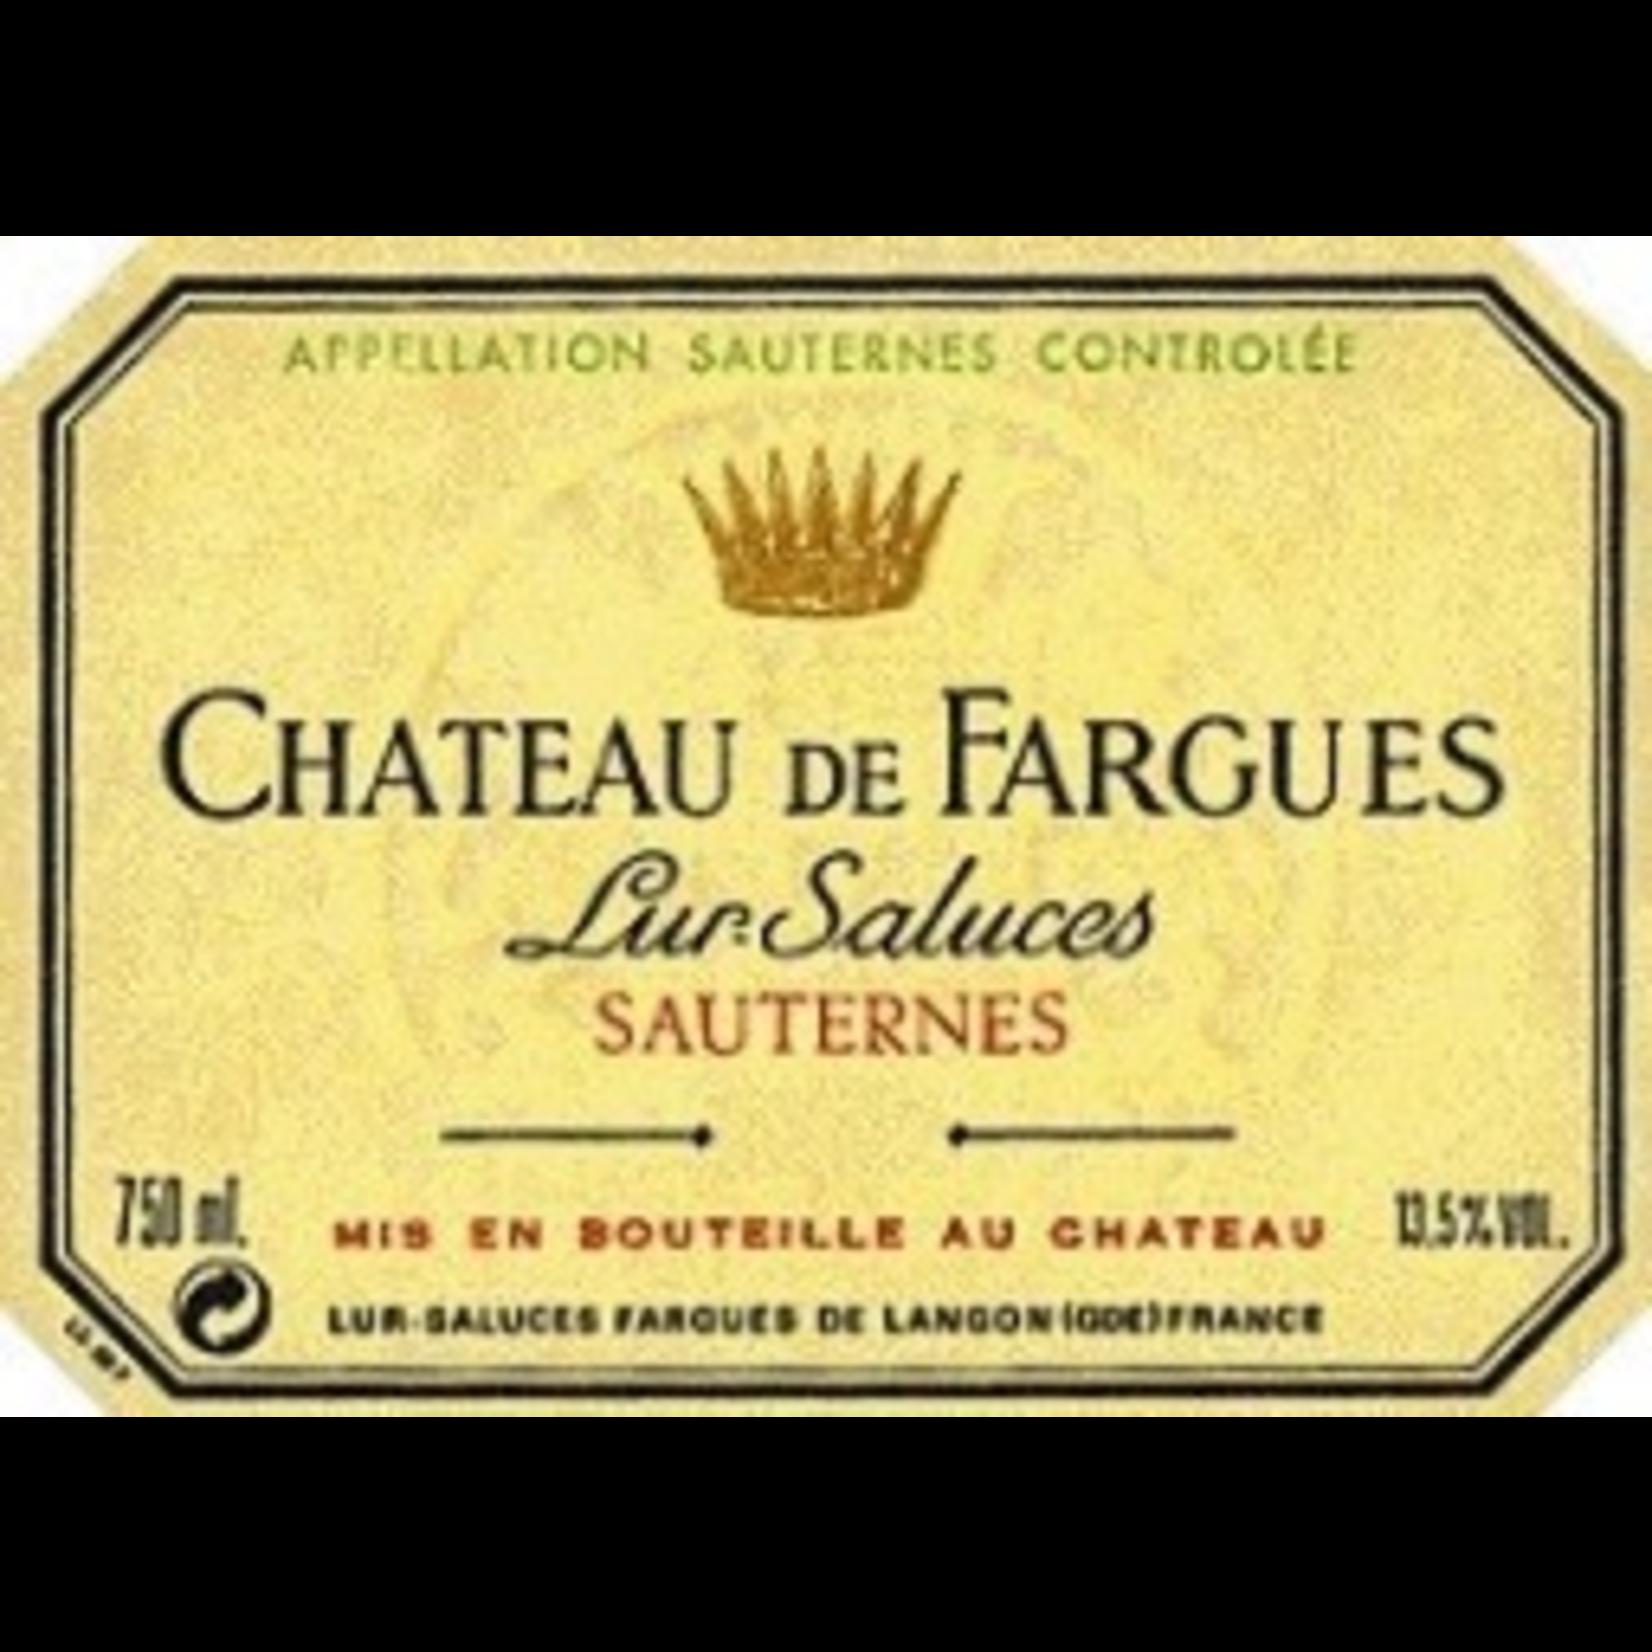 Wine Chateau de Fargues Sauternes 1990